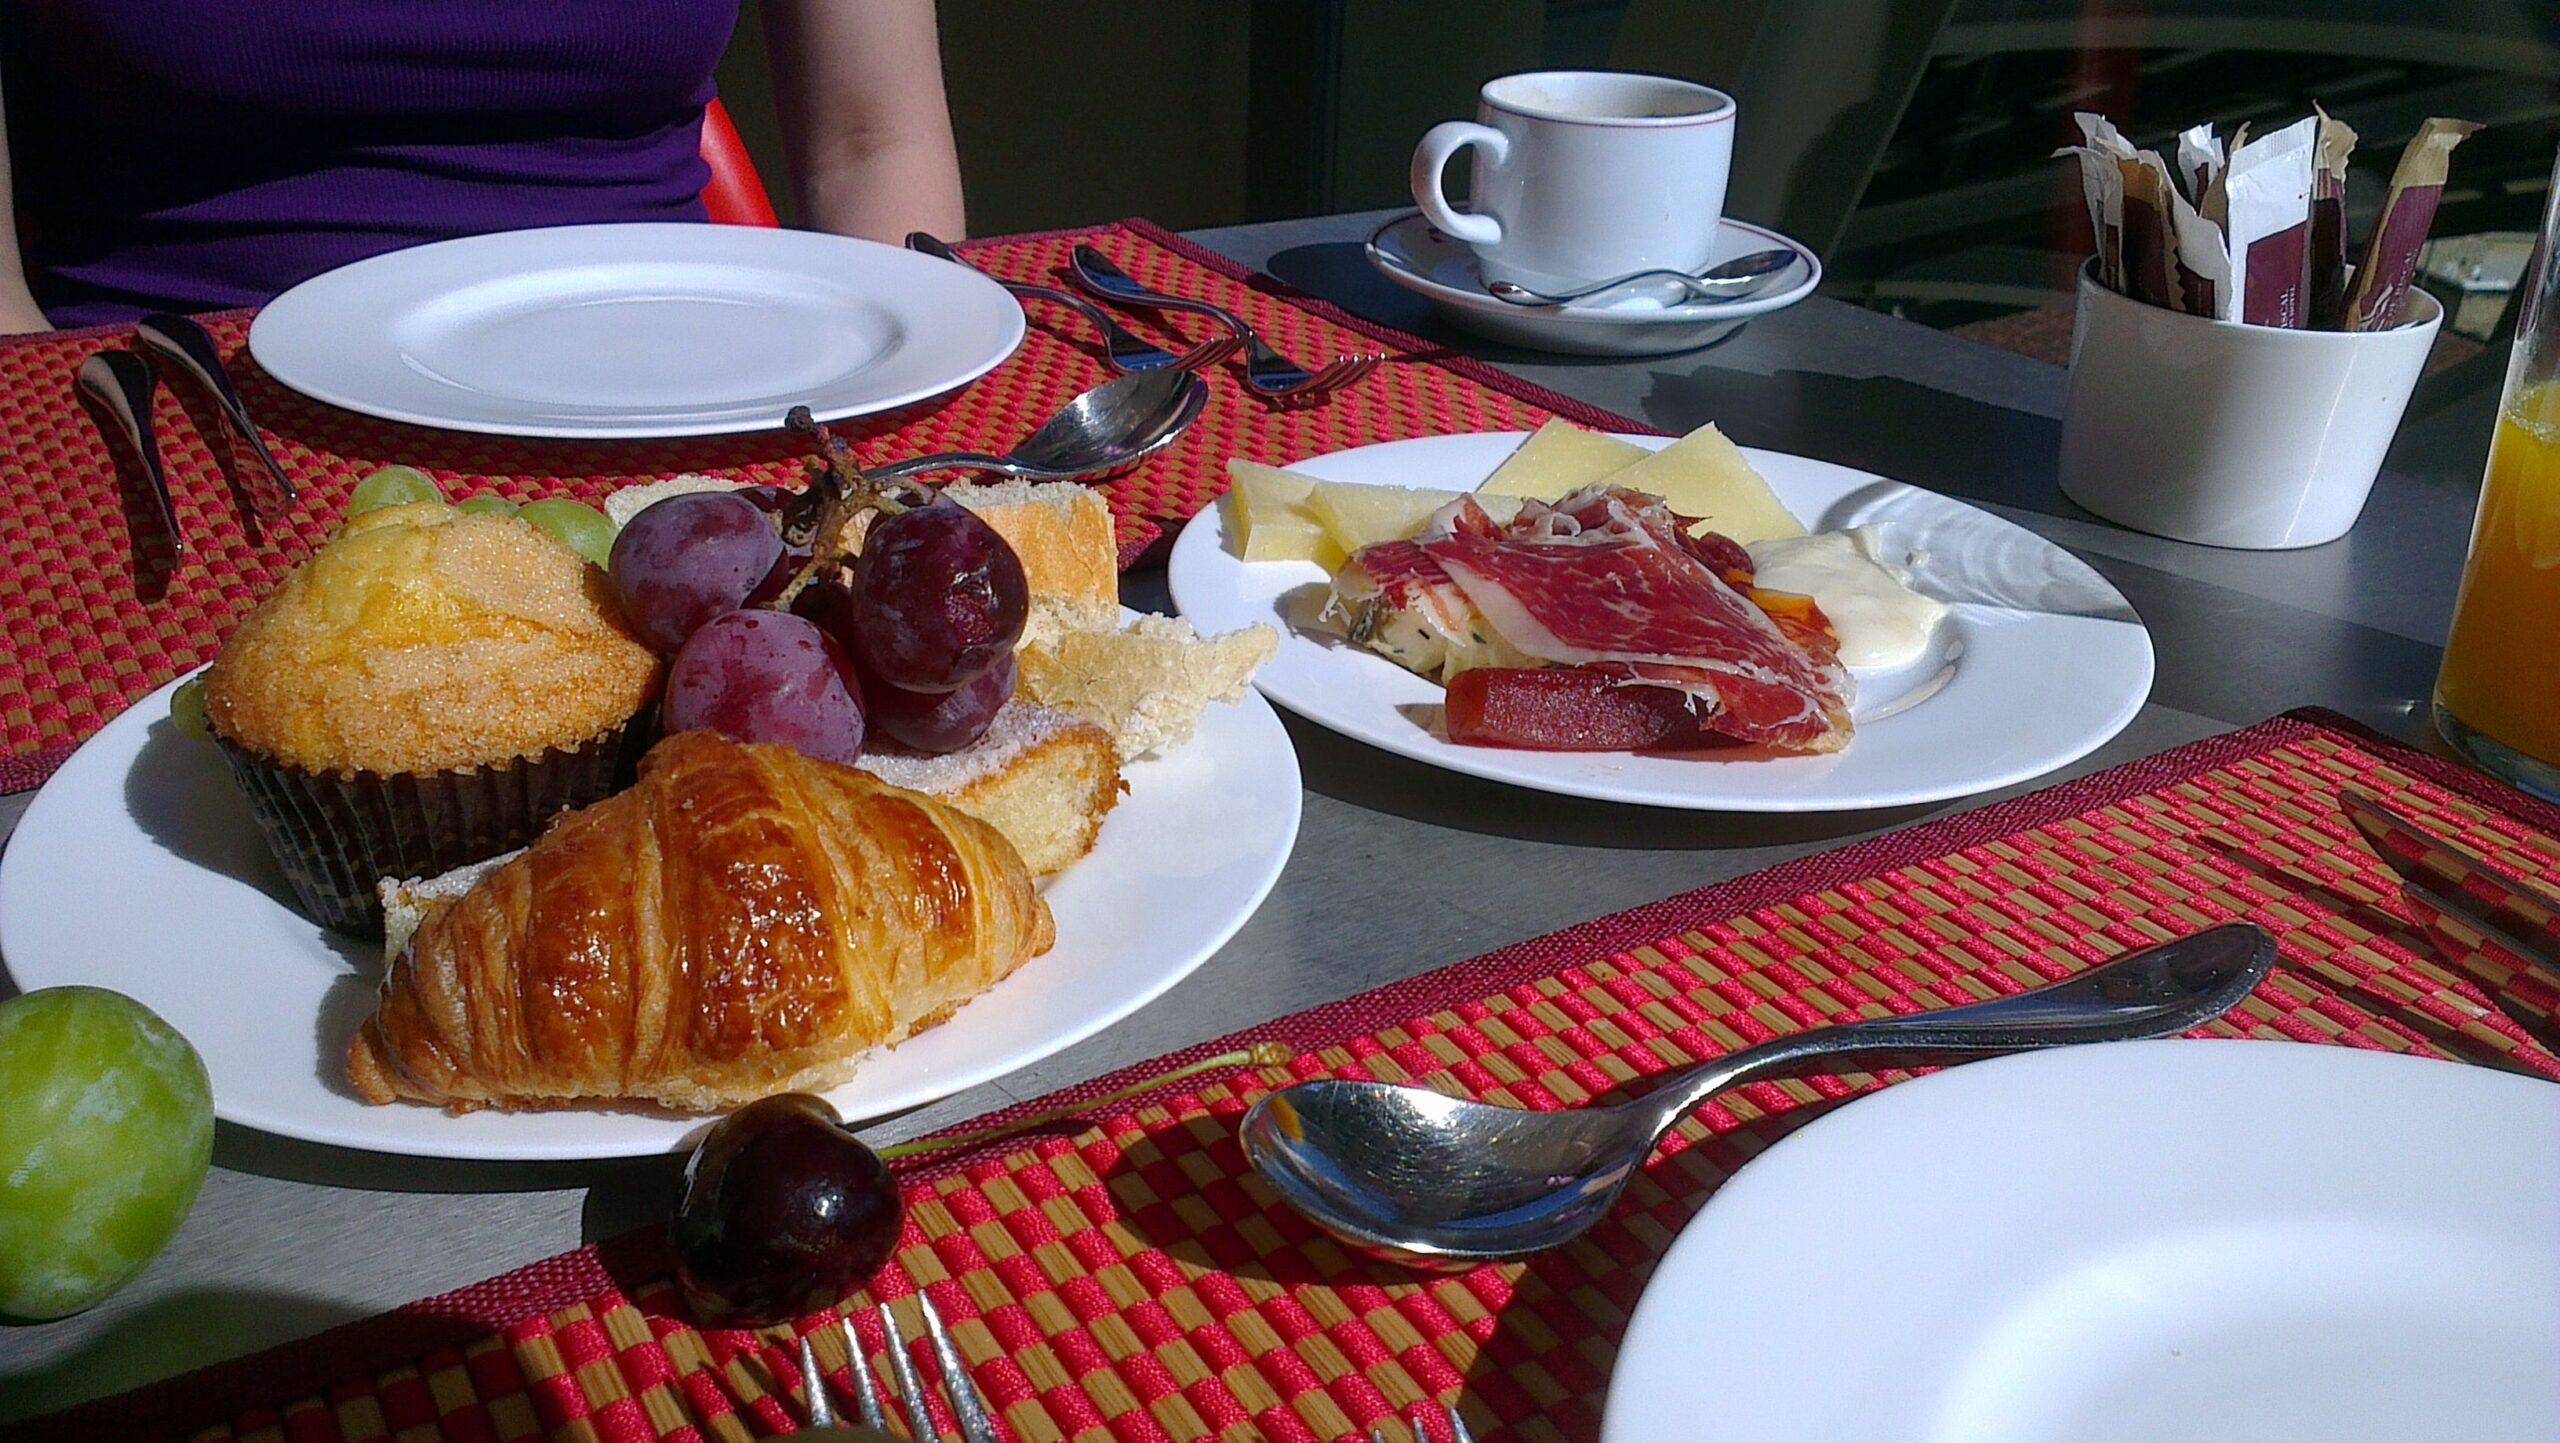 I 5 benefici di una colazione abbondante